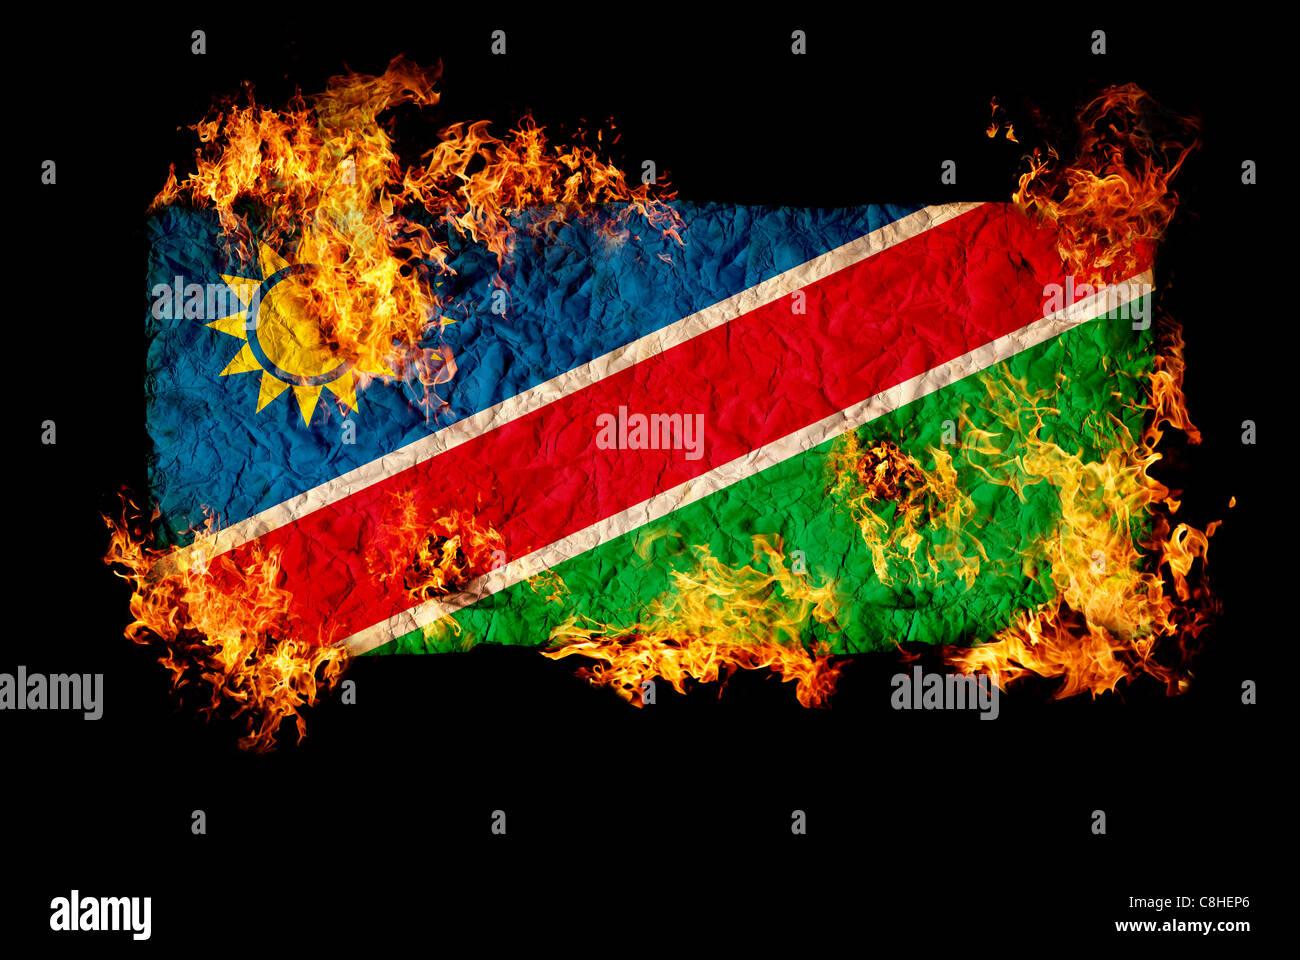 National symbols and flag of Namibia Stock Photo: 39722766